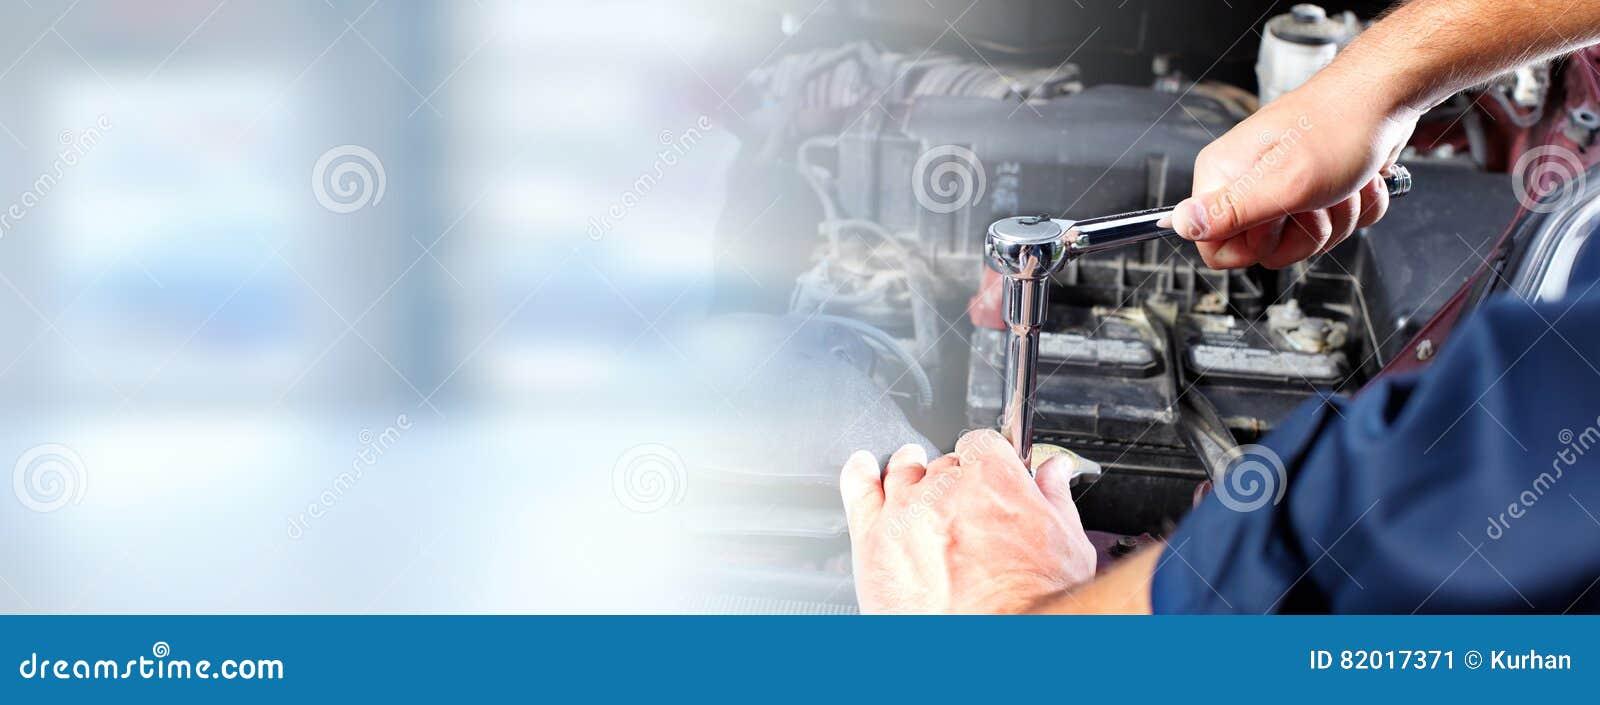 Händer av bilmekanikern i service för auto reparation